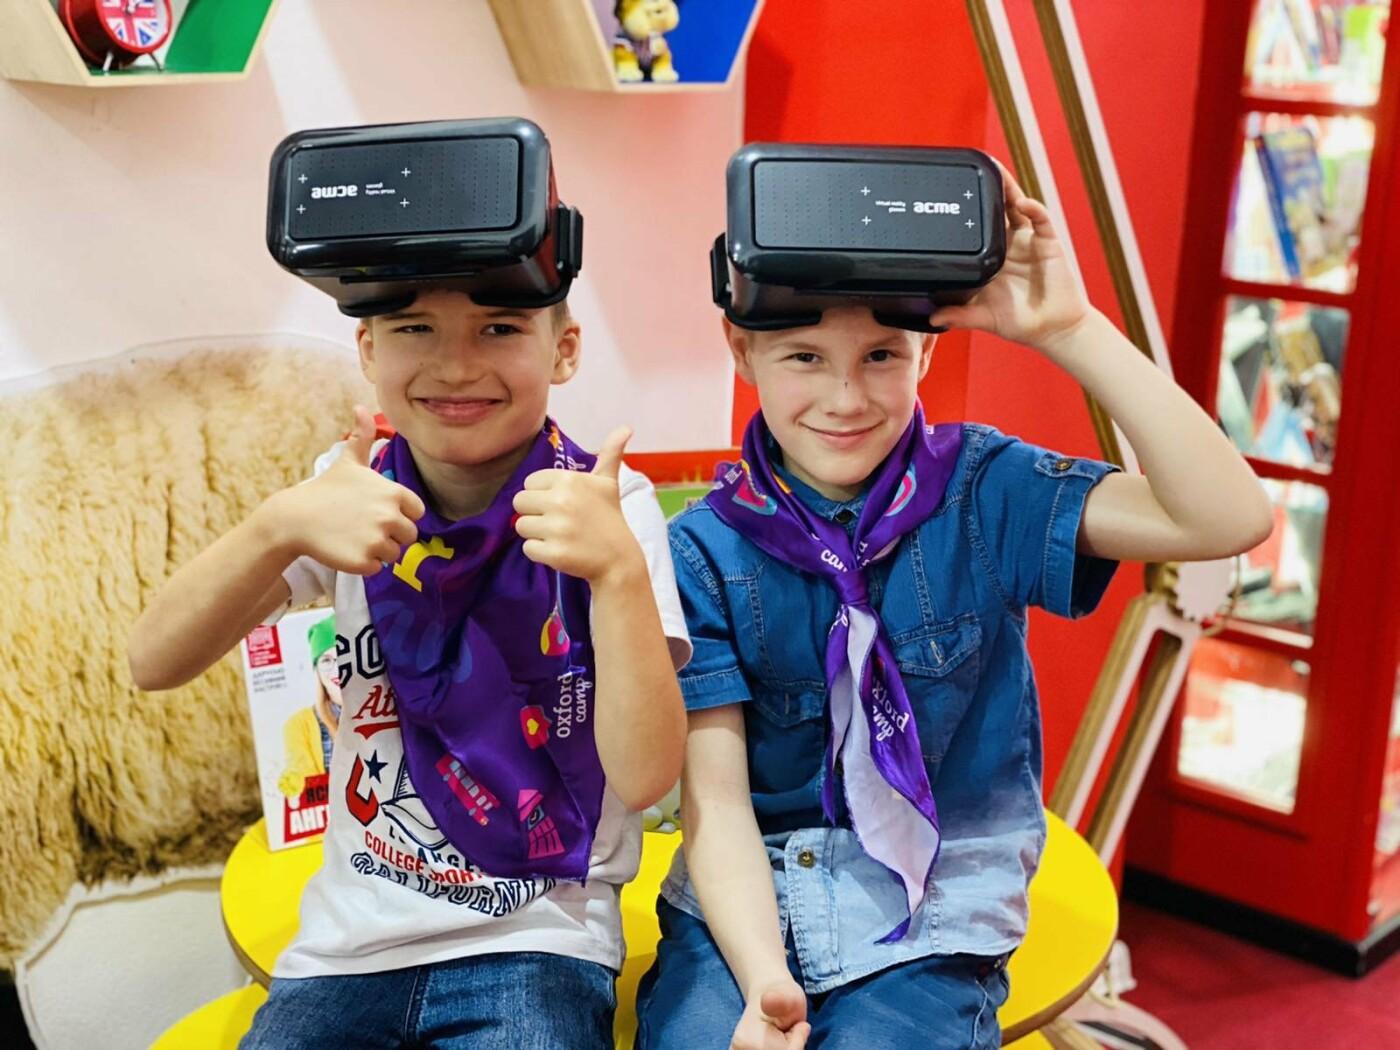 Незабываемые английские каникулы для детей 6-15 лет! (*Акция до 20 мая 2021 г.), фото-4